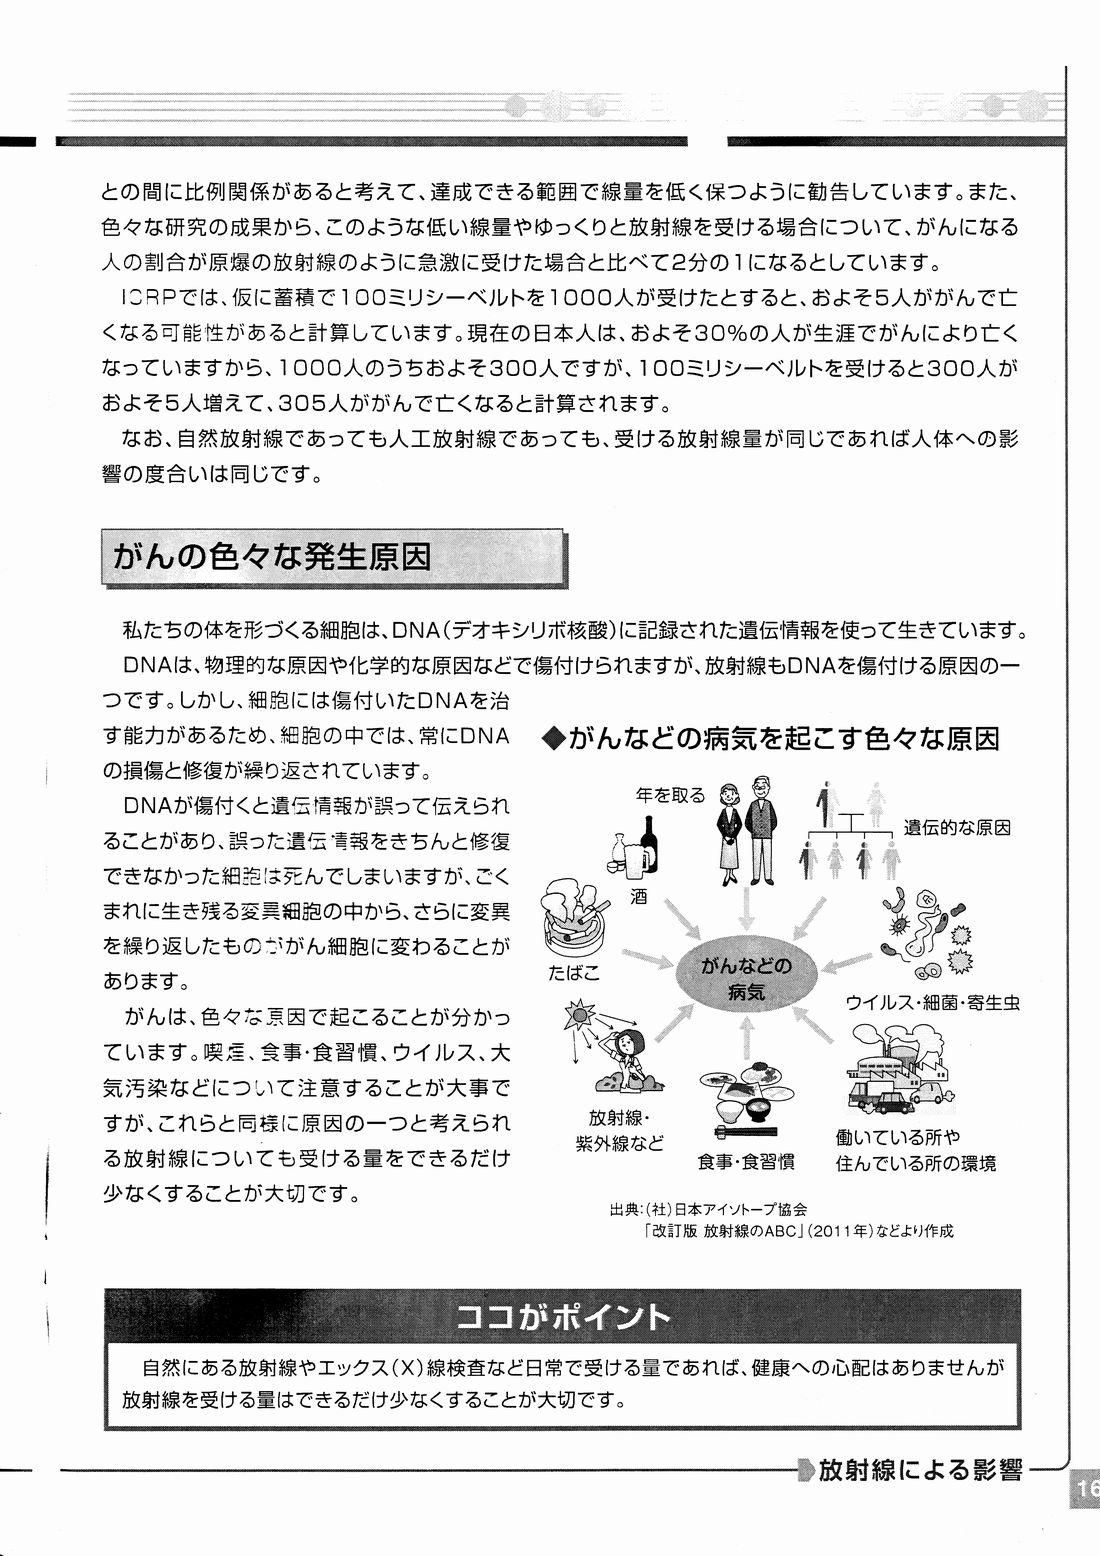 中学生のための放射線副読本_P16